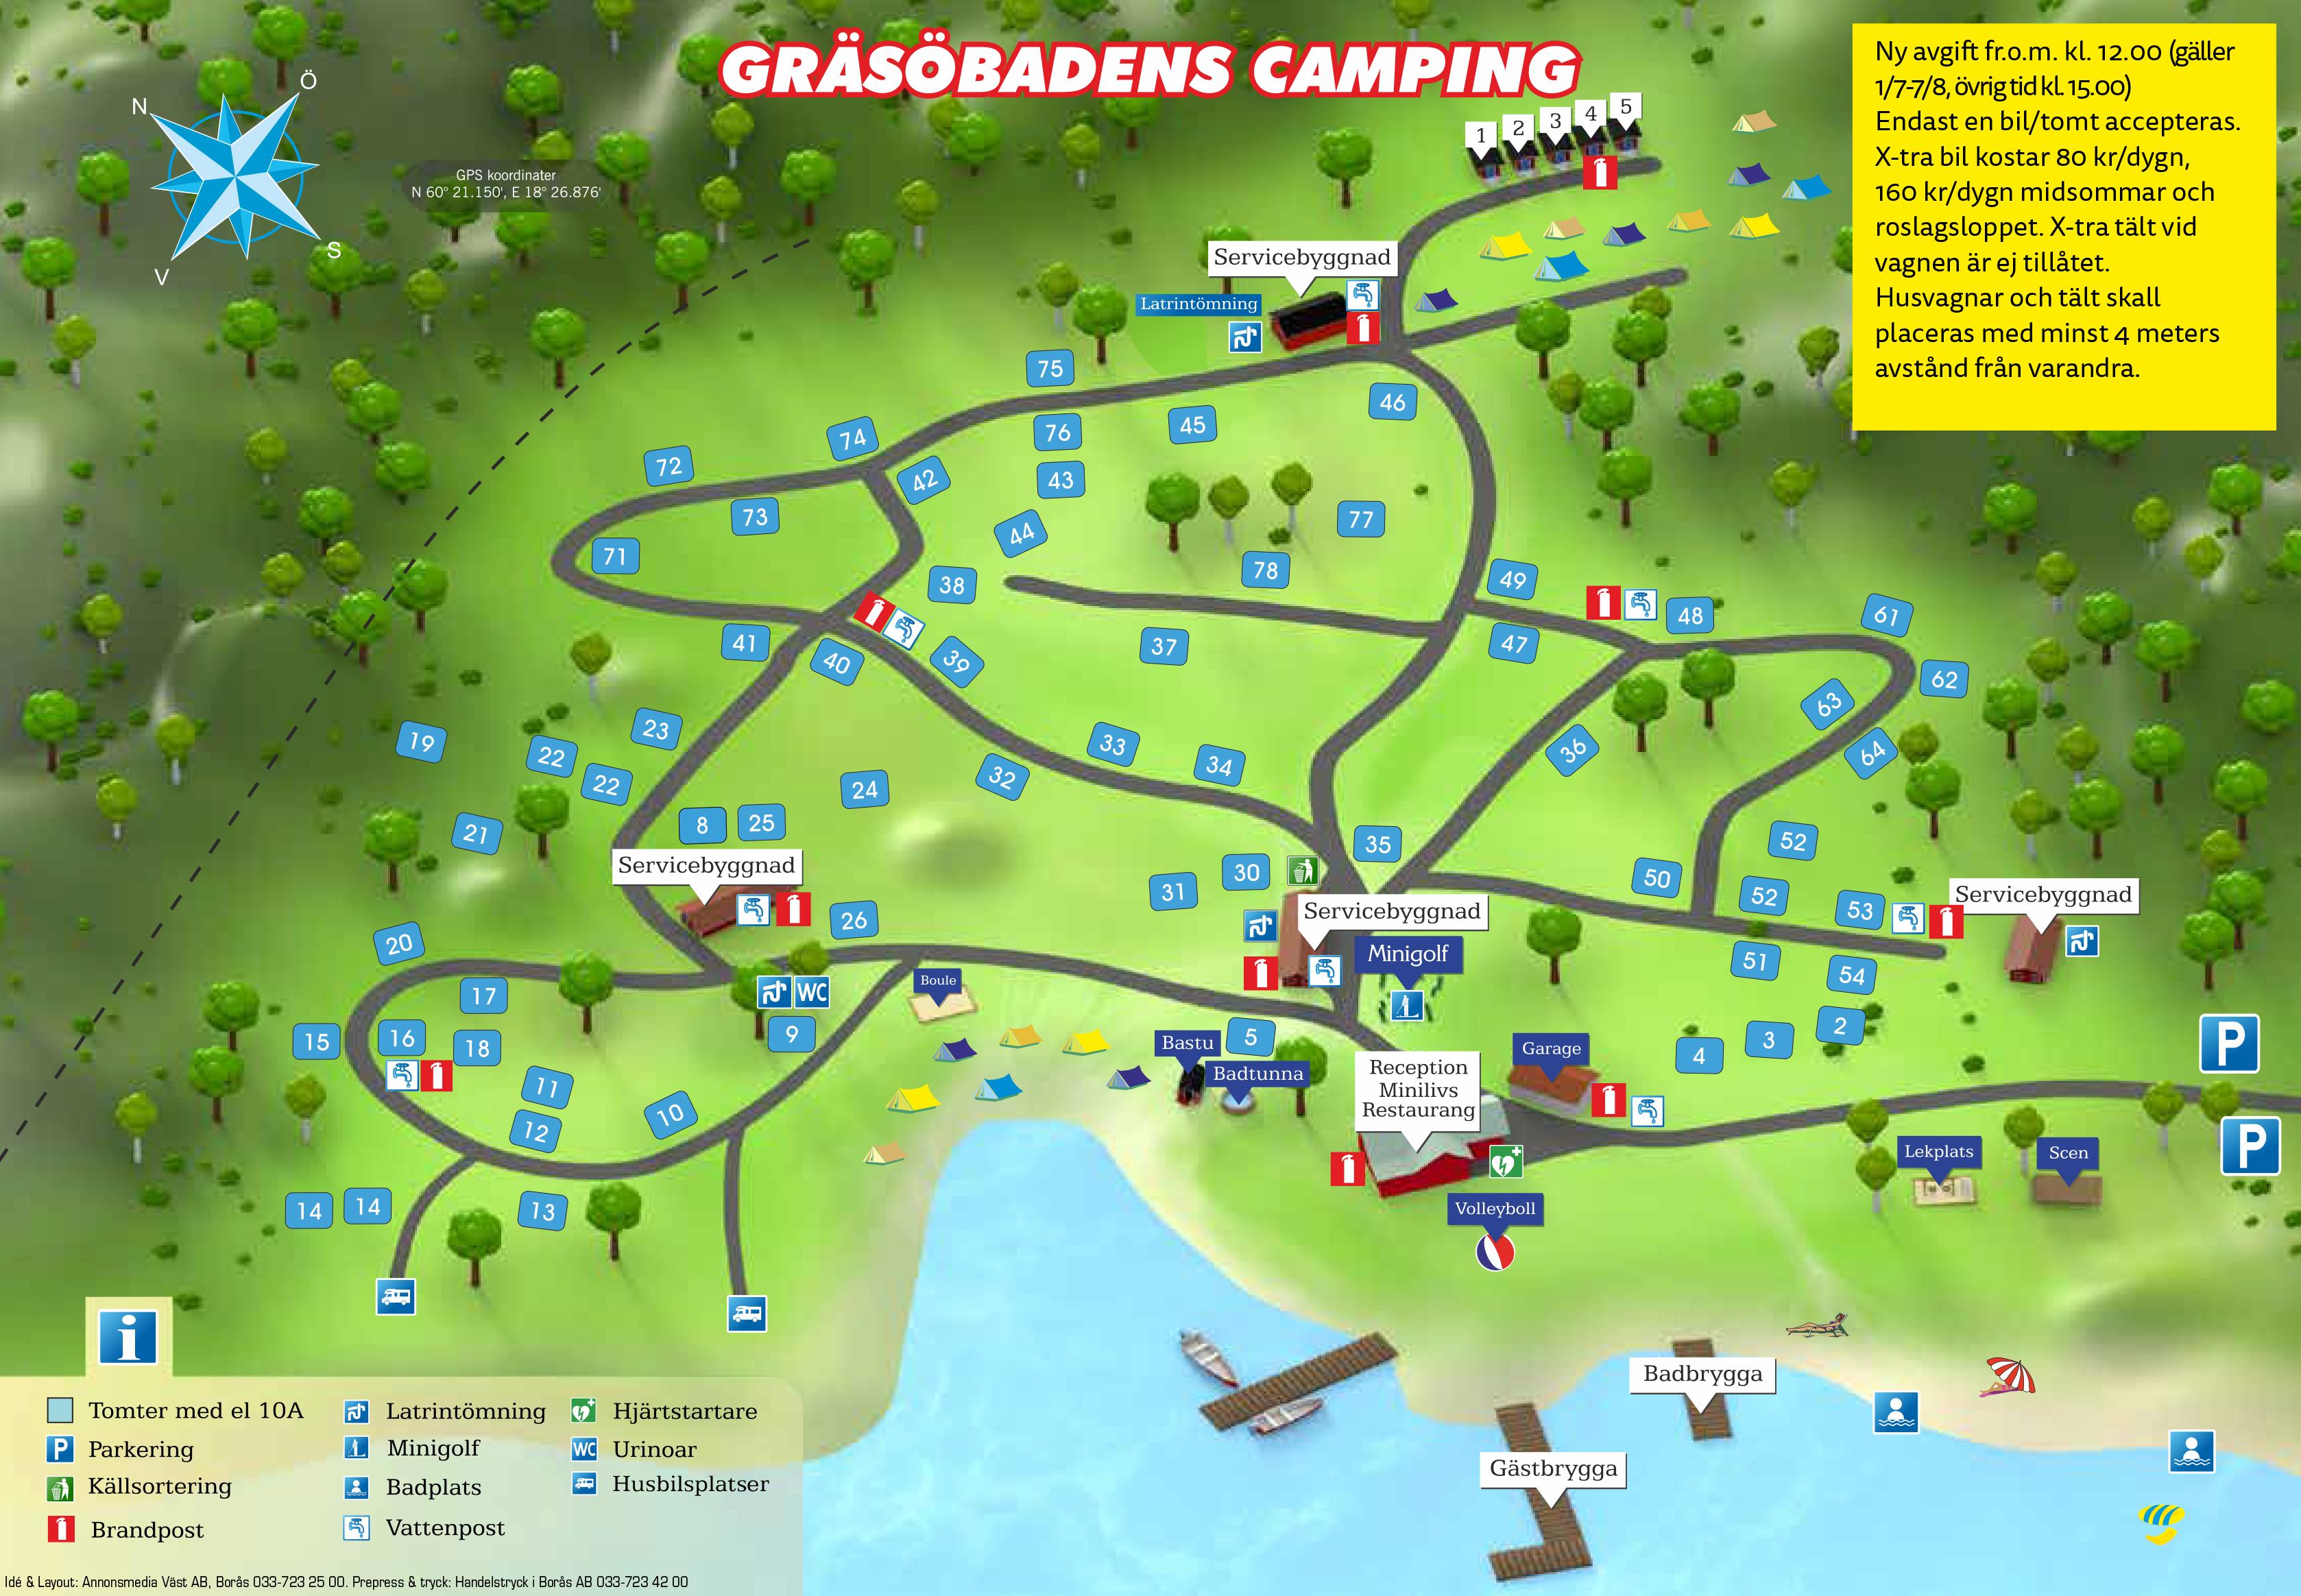 gräsö karta Information   Gräsöbadens Camping gräsö karta